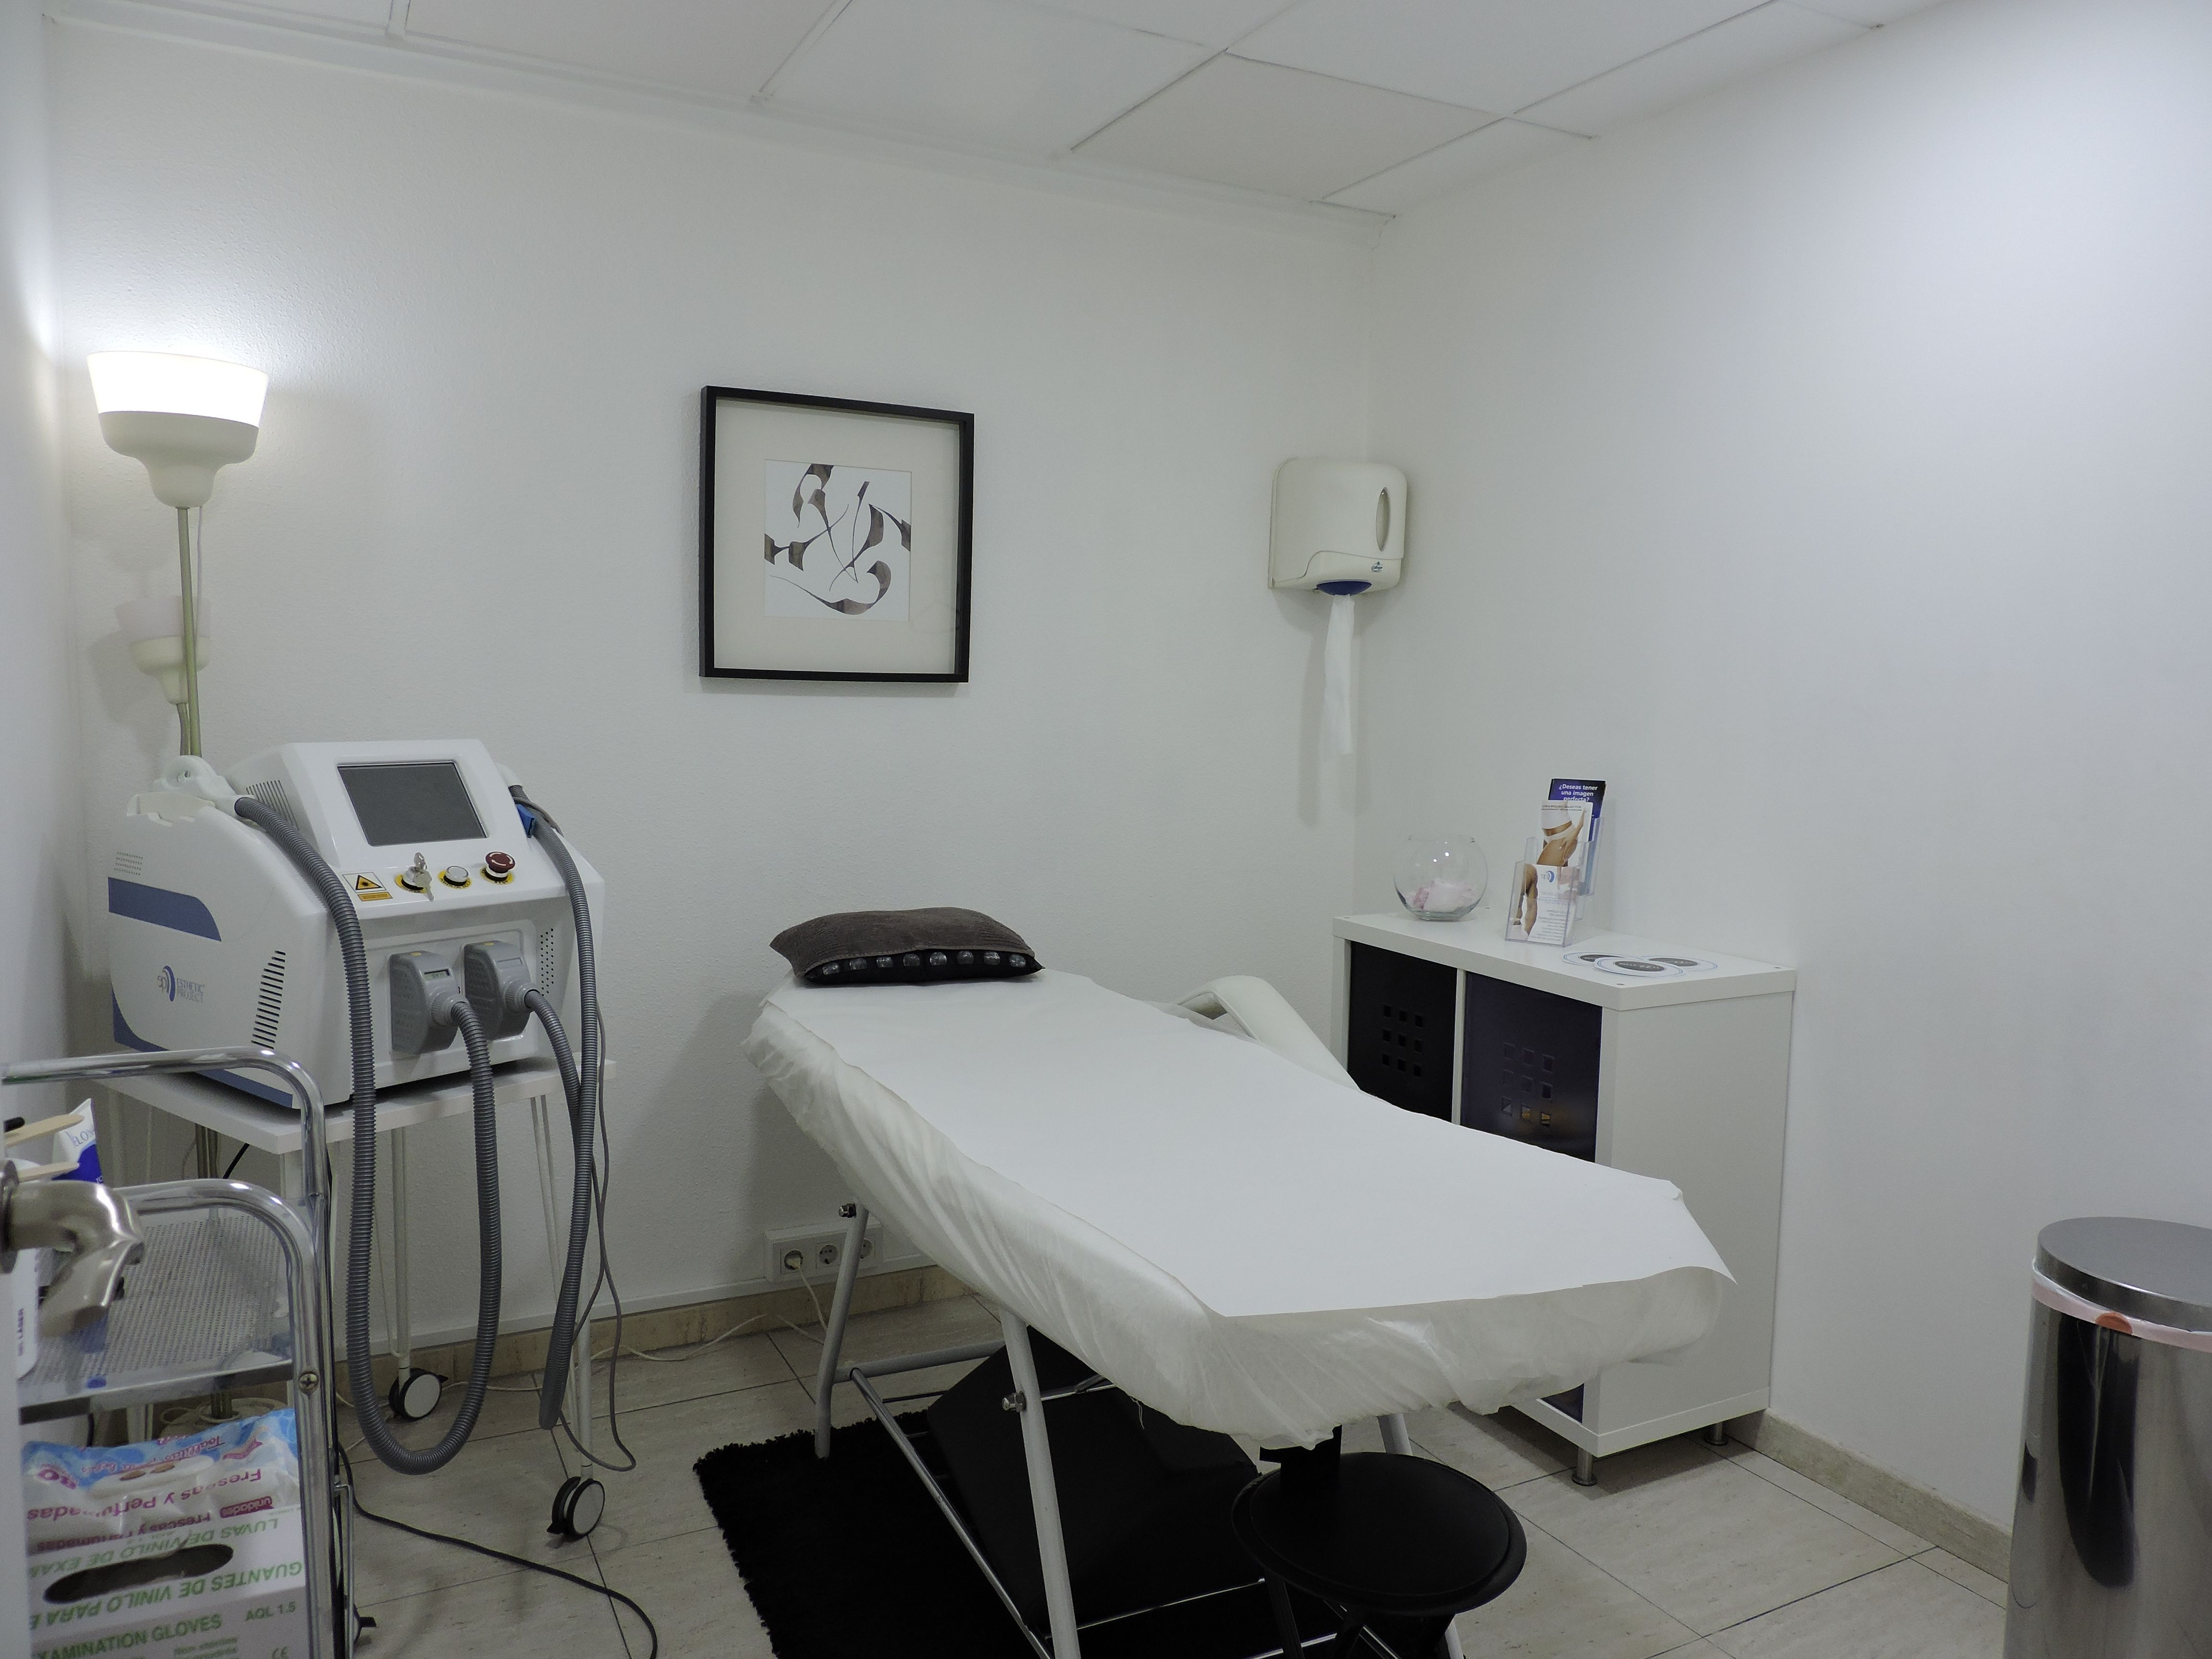 Cabina de depilacion l ser bellezzia clinicas est ticas for Sala 8 y medio alicante